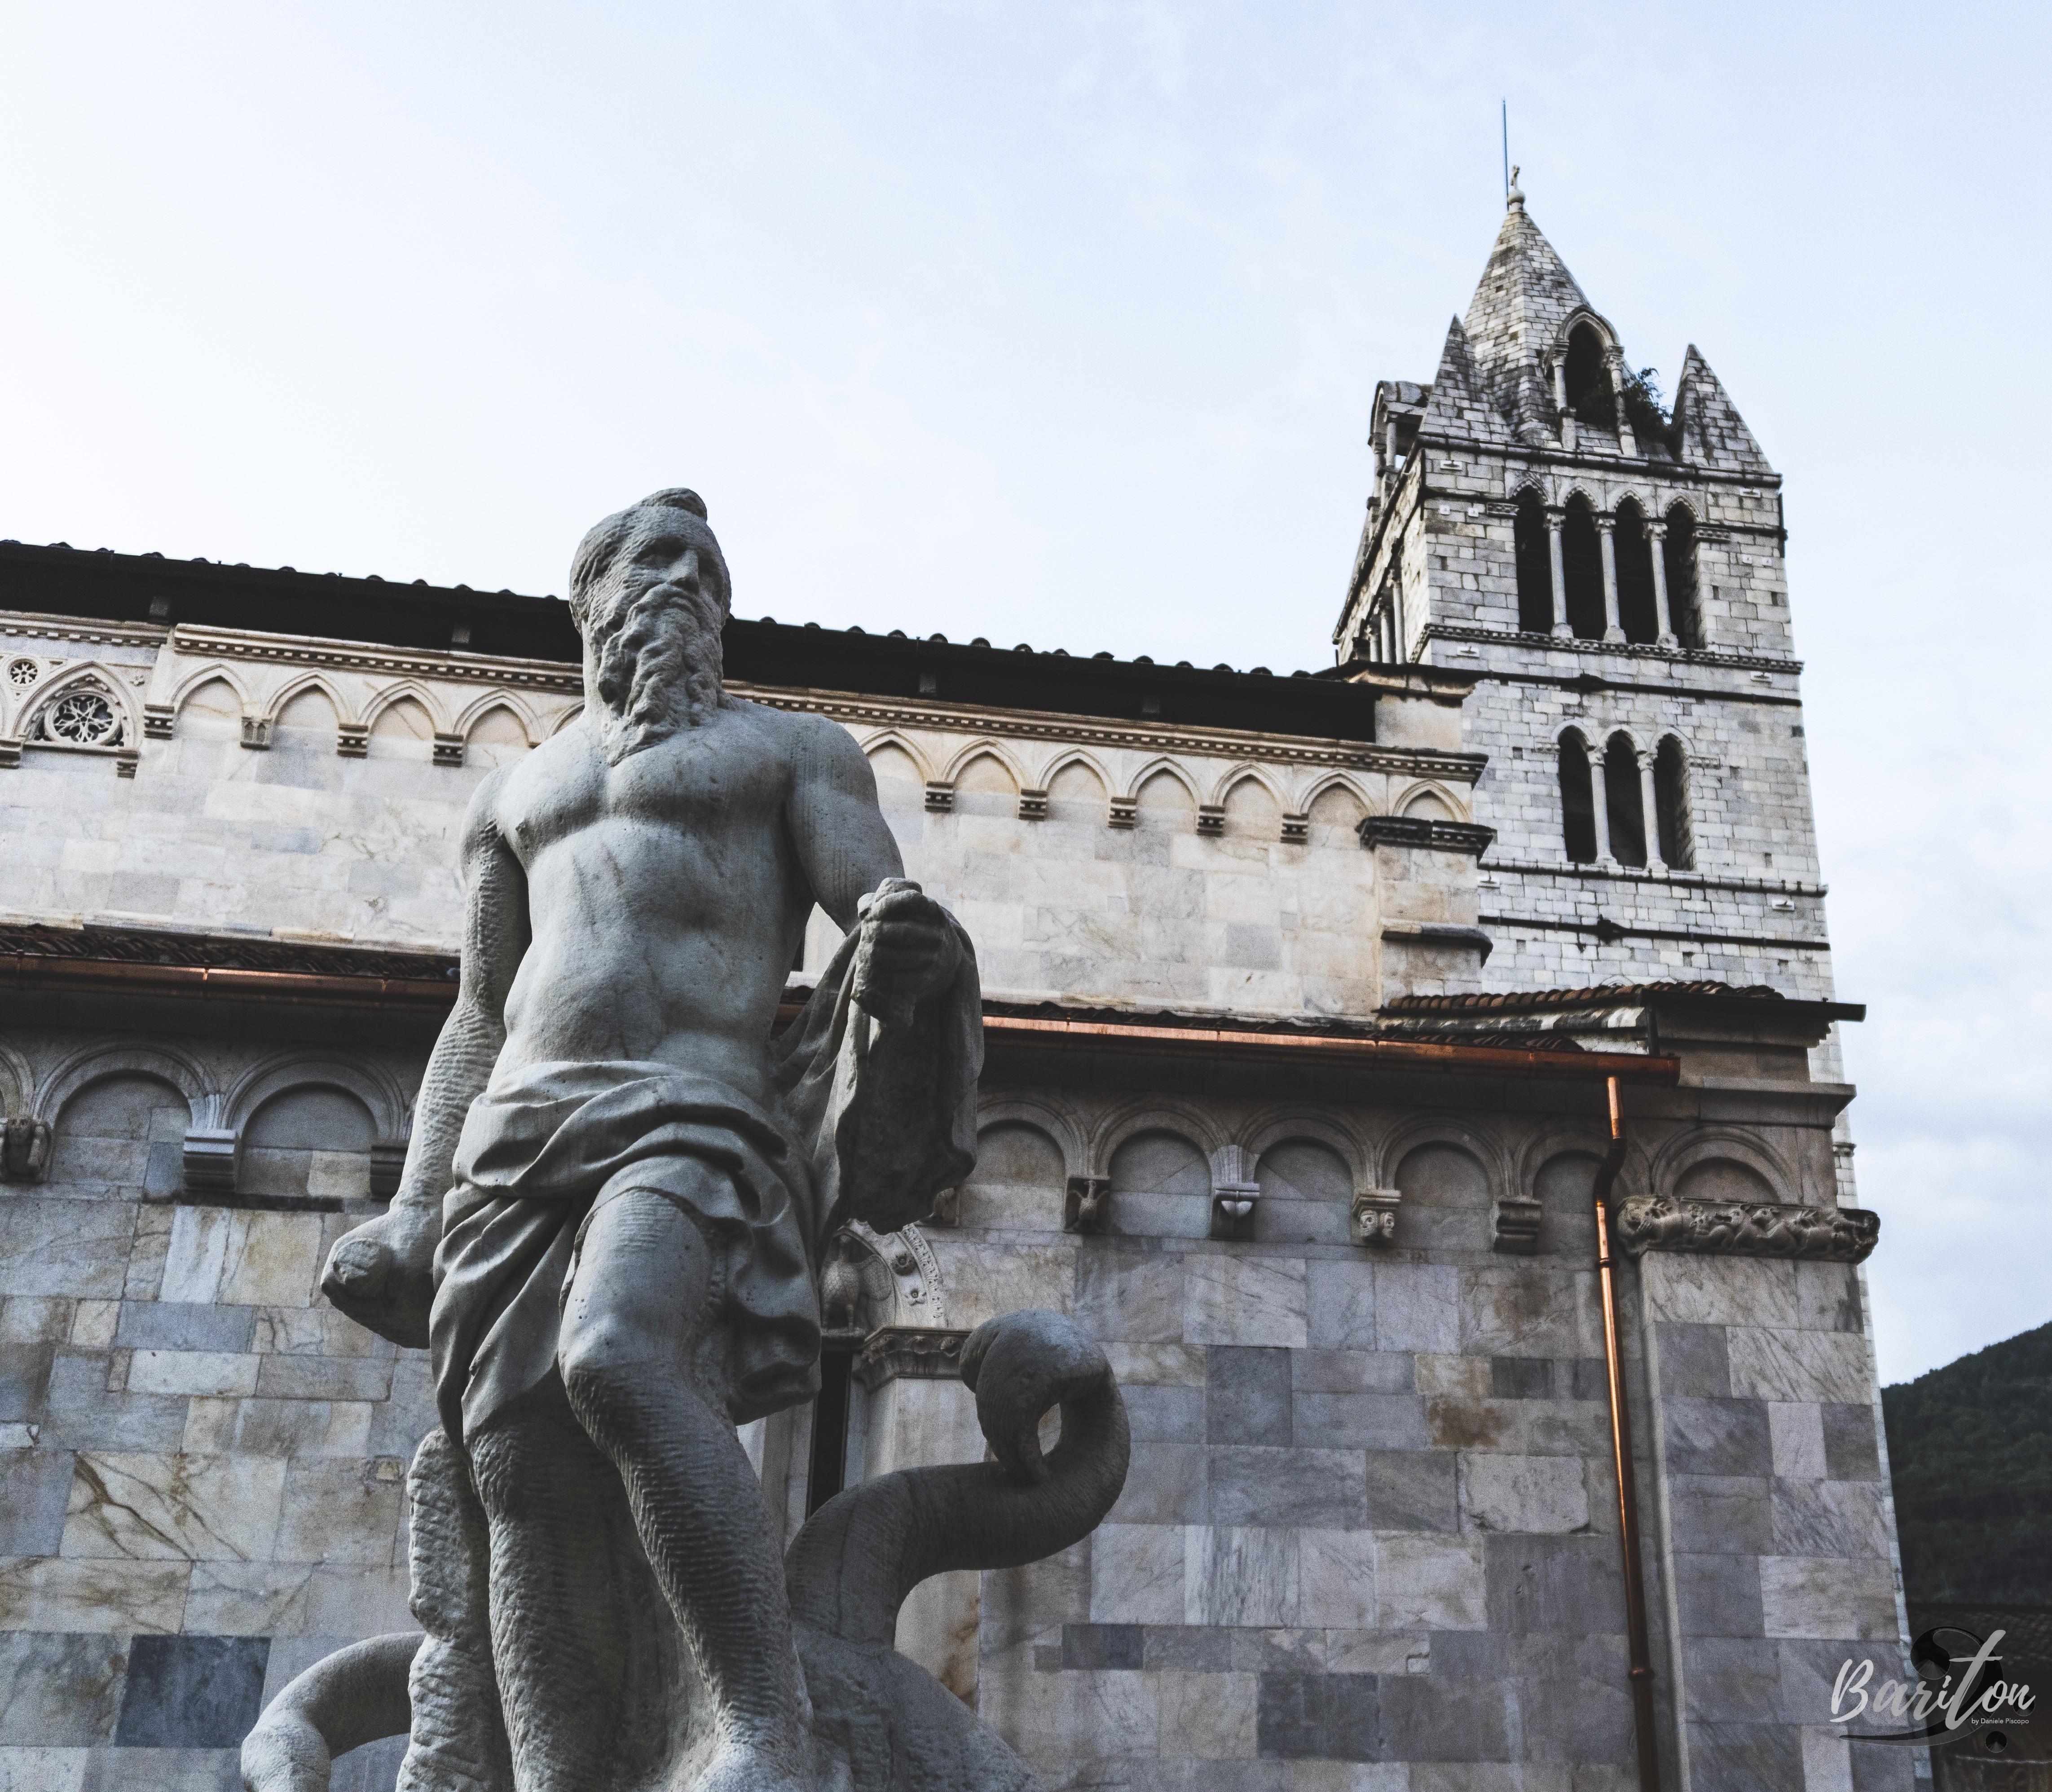 Marmo all'opera! Piazza del Duomo